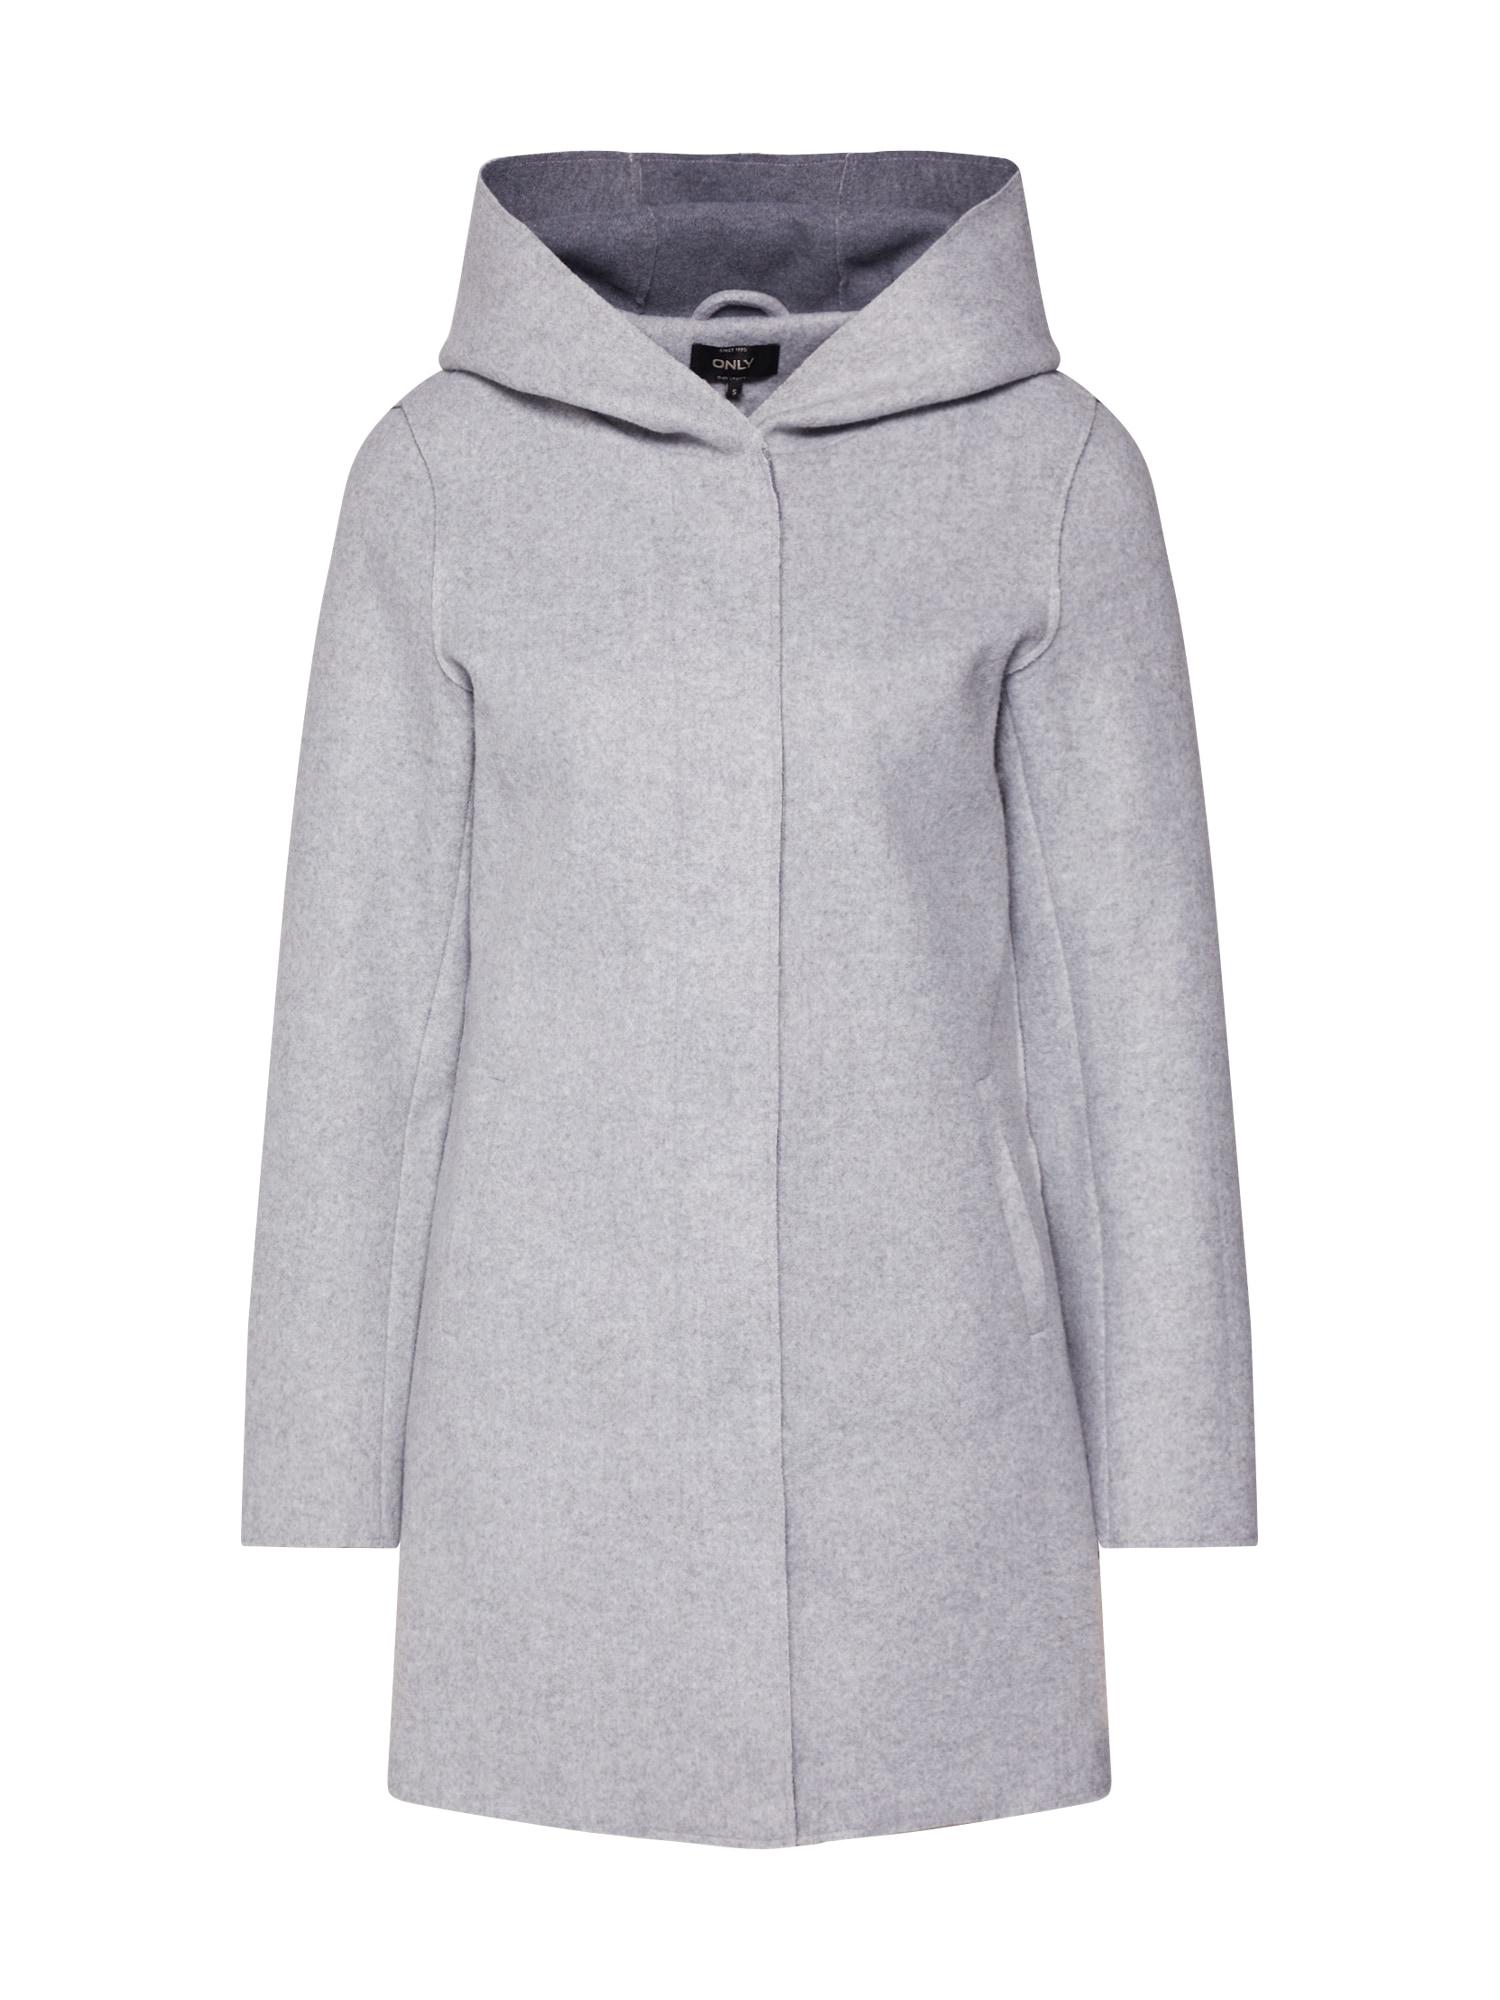 ONLY Rudeninis-žieminis paltas 'ONLSIRI BONDED HOOD COAT' margai pilka